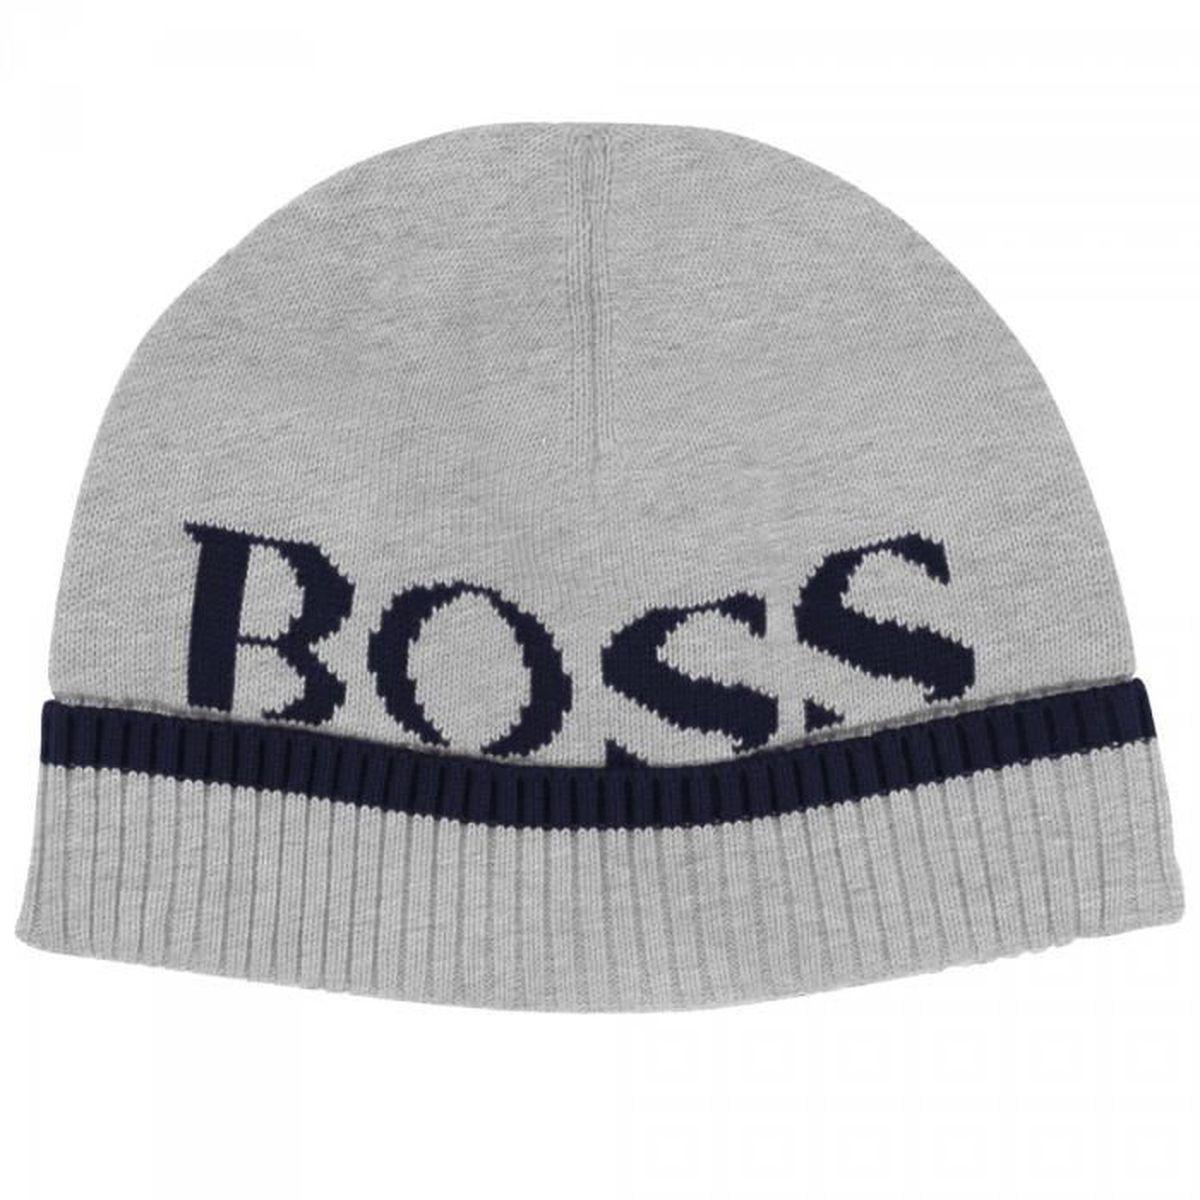 7b033b9f664 HUGO BOSS - Bonnet gris - Achat   Vente bonnet - cagoule ...